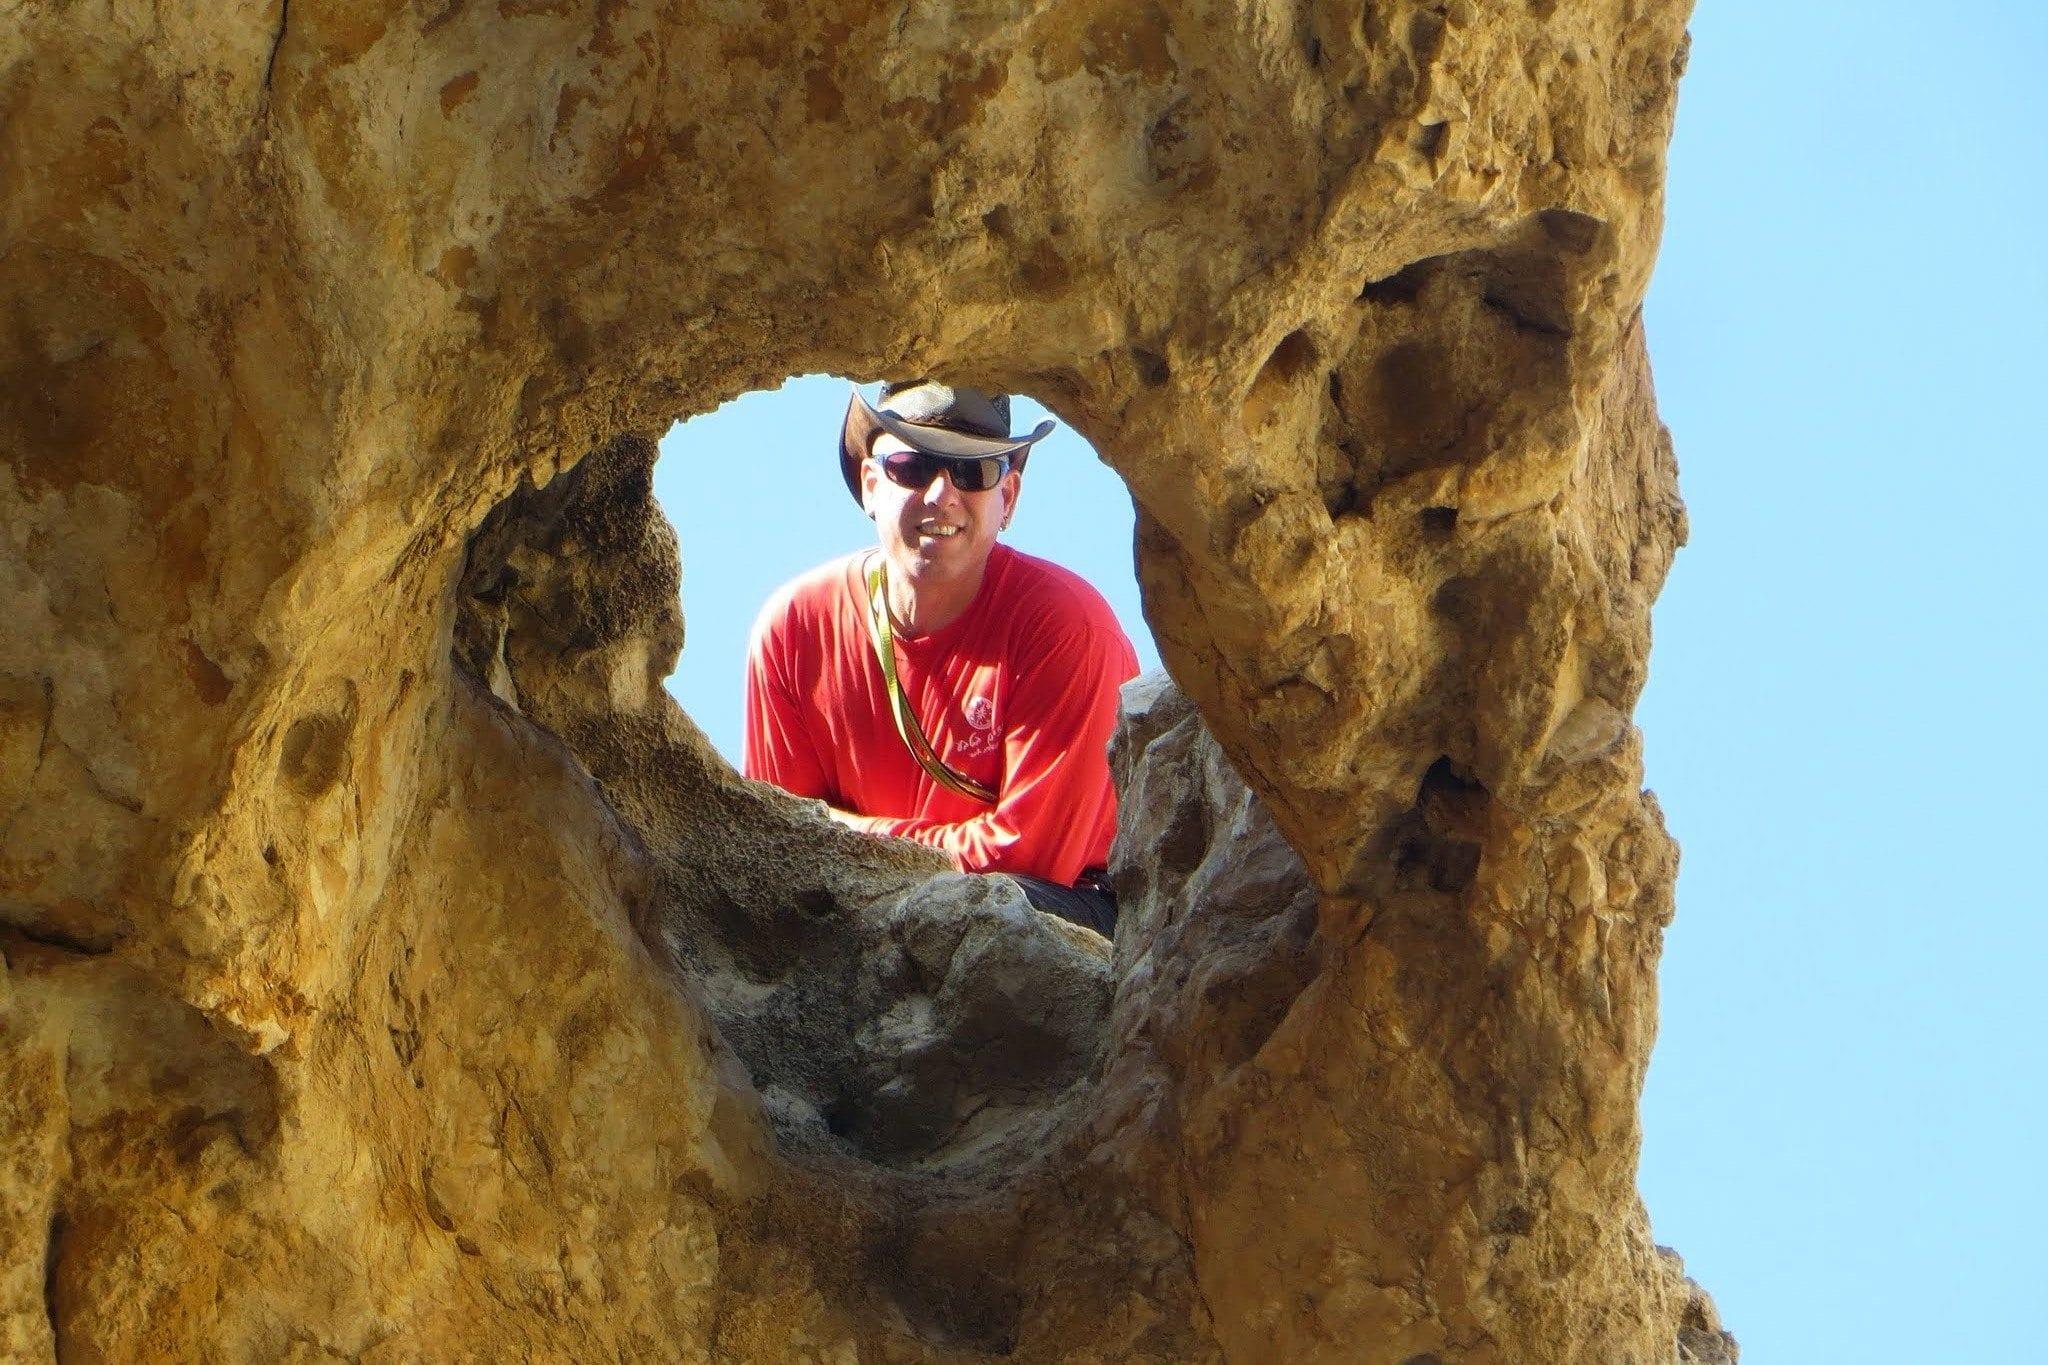 נועם בנק ערוצים בטבע - סנפלינג במדבר יהודה